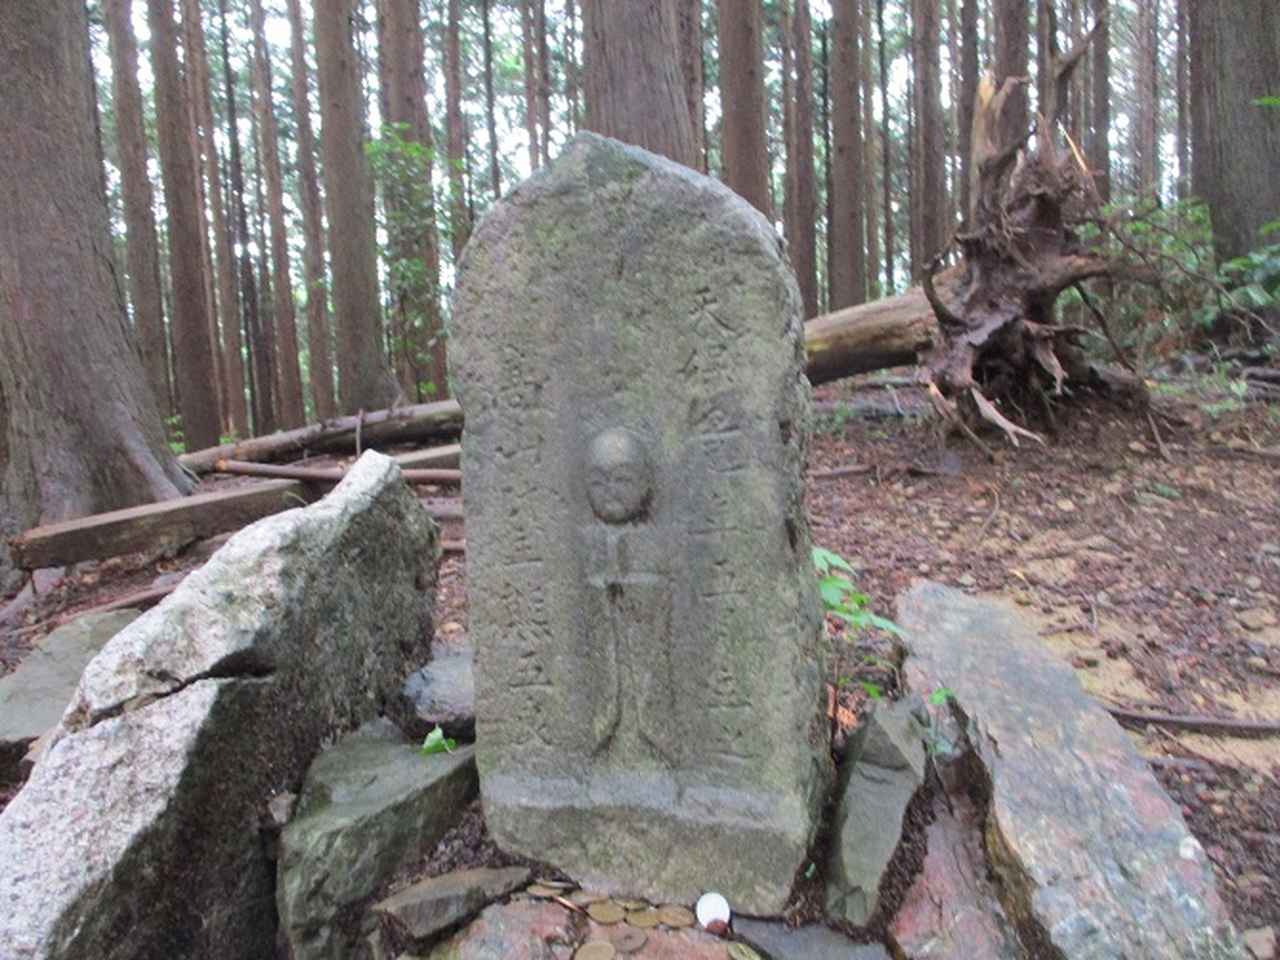 画像1: 7月6日に山旅会現地集合 「関八州見晴台から黒山三滝」 ツアーにいってきました!